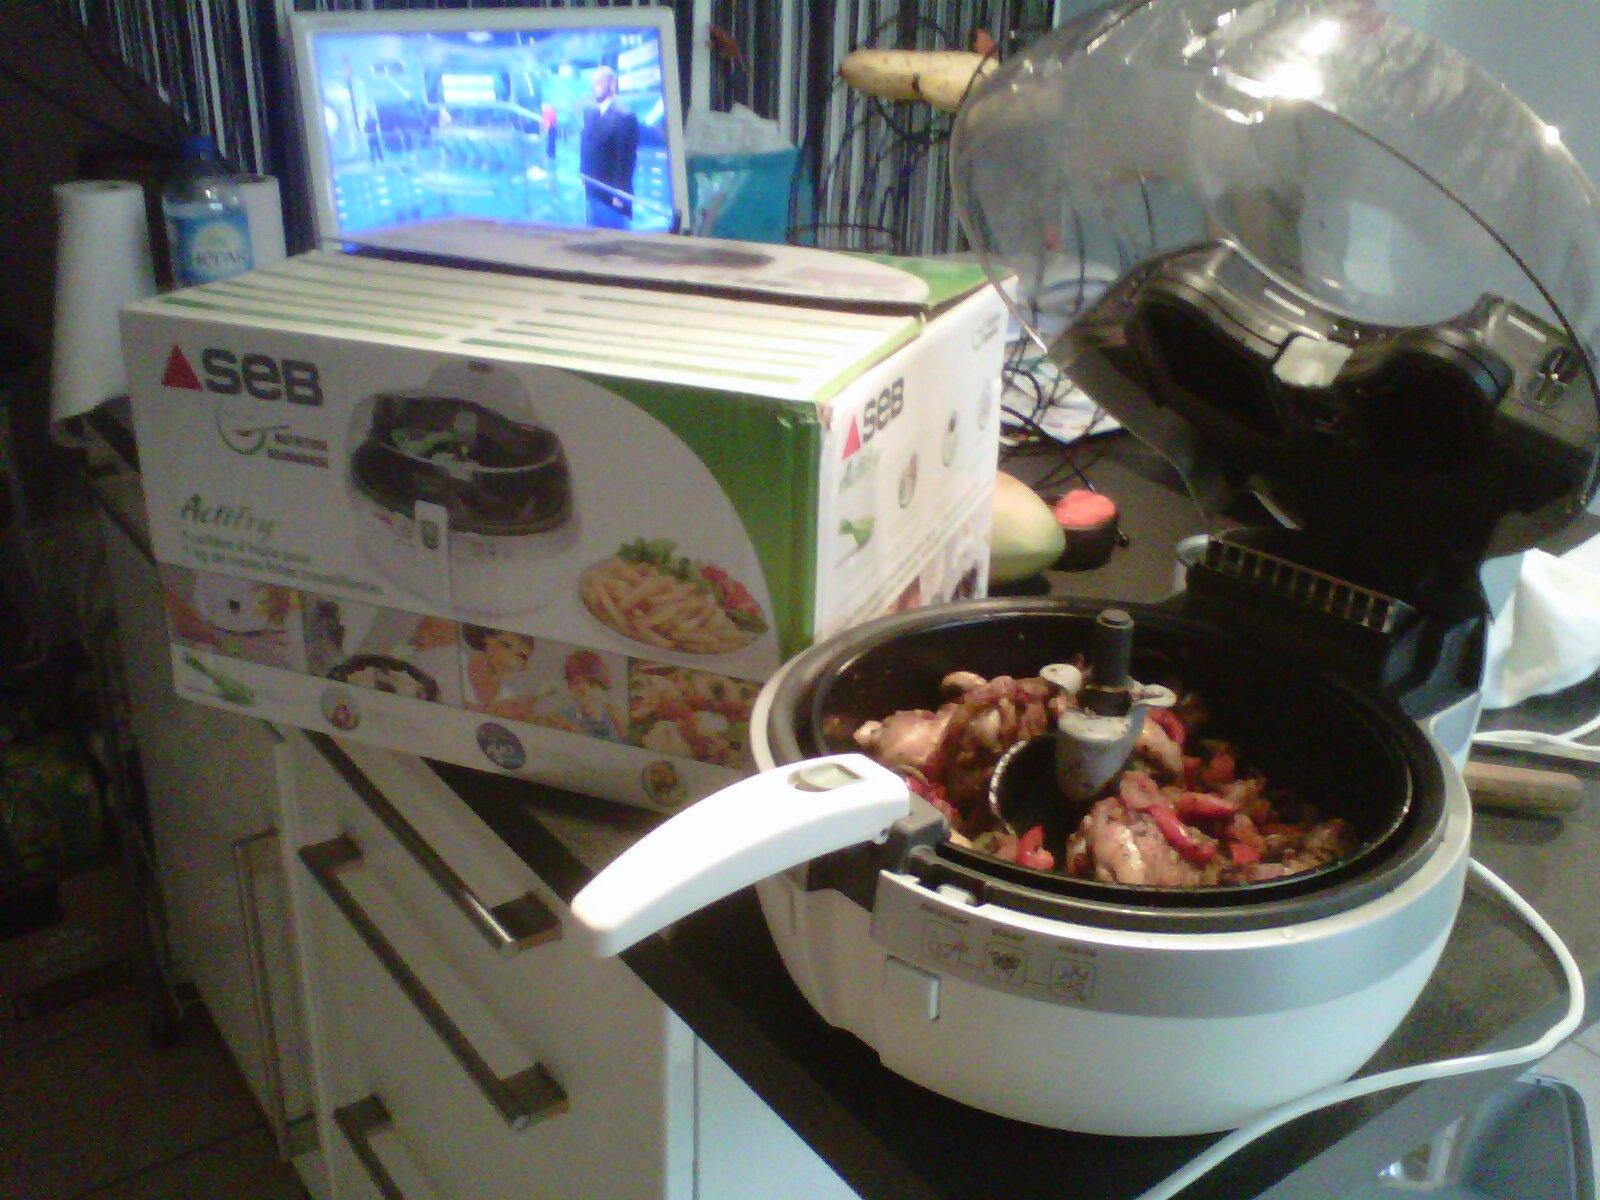 blog culinaire de christine kong archives du blog test de produits friteuse actifry de seb. Black Bedroom Furniture Sets. Home Design Ideas